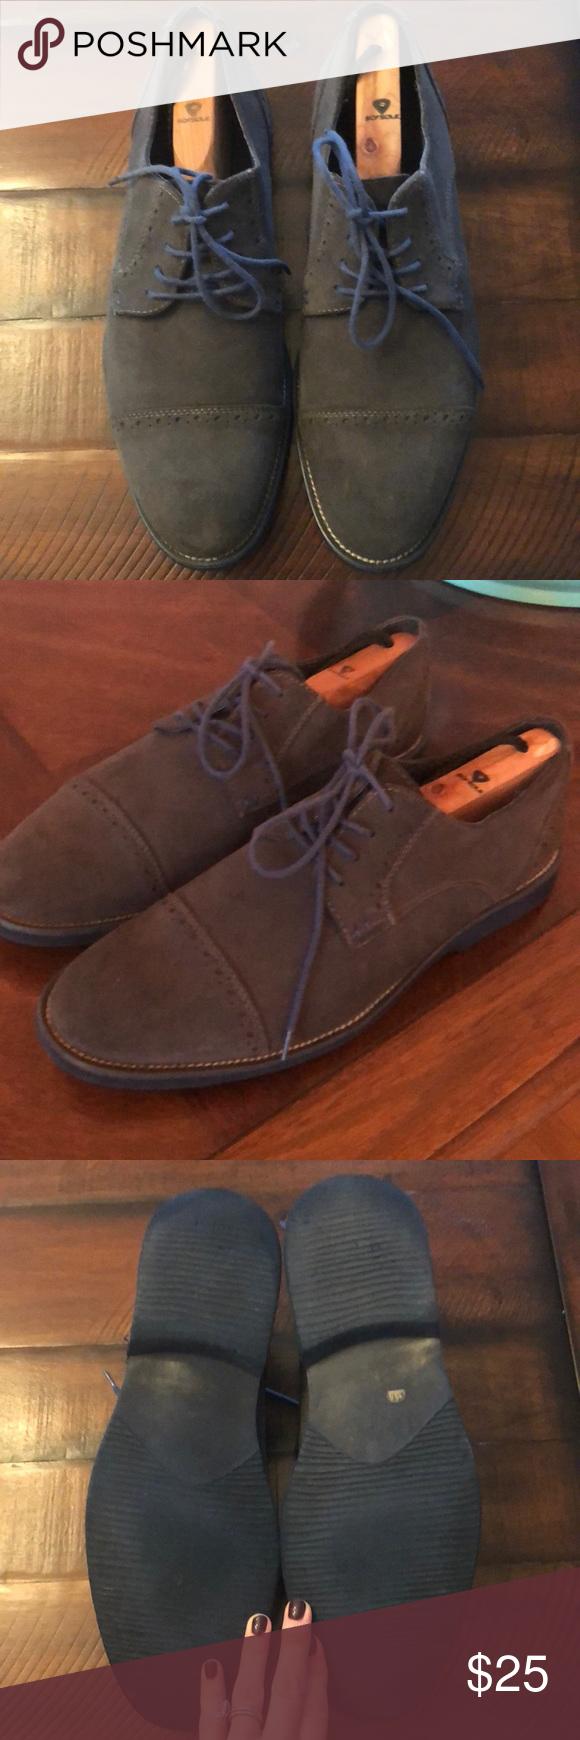 Blue Suede Shoes sz 11 by Joseph Abboud